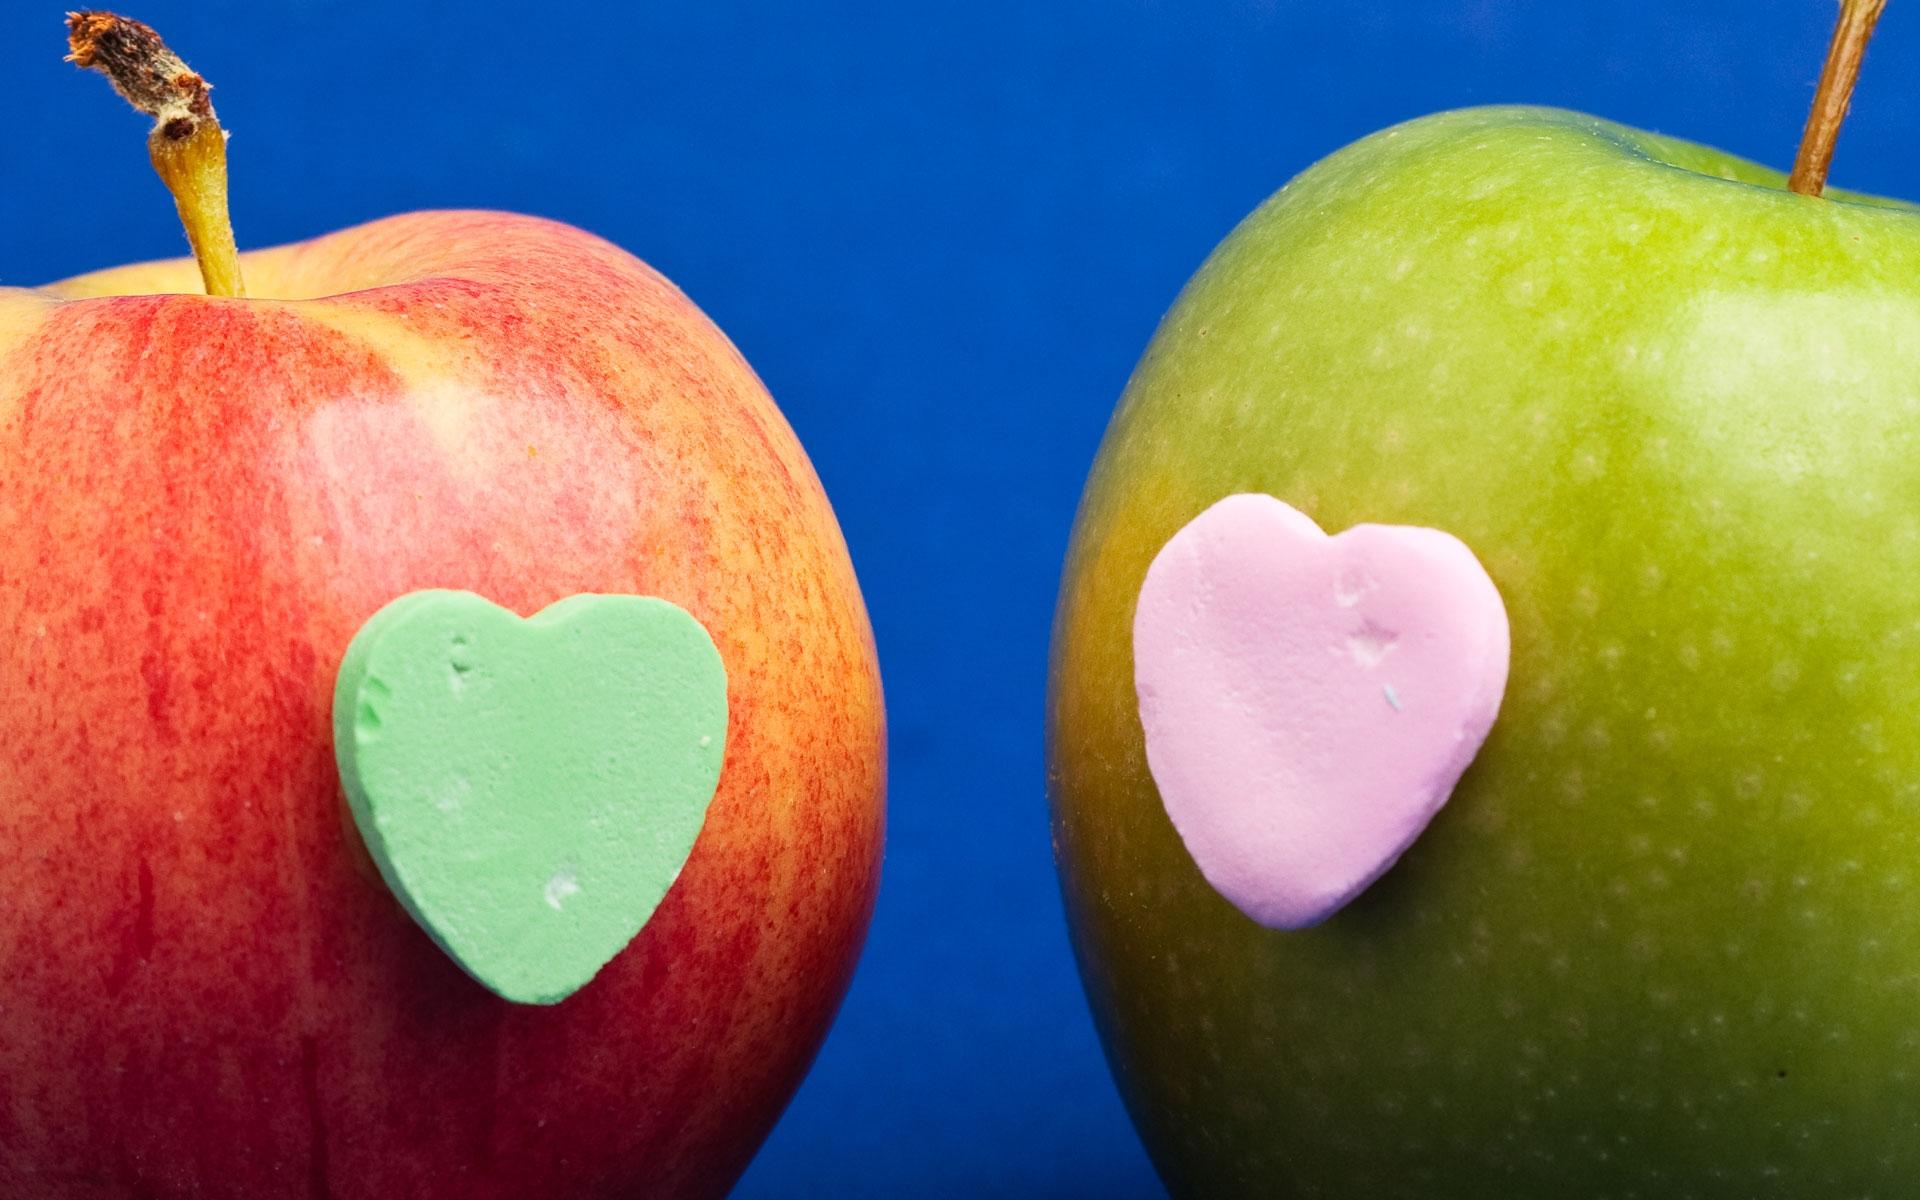 День матери, картинка прикольное яблоко